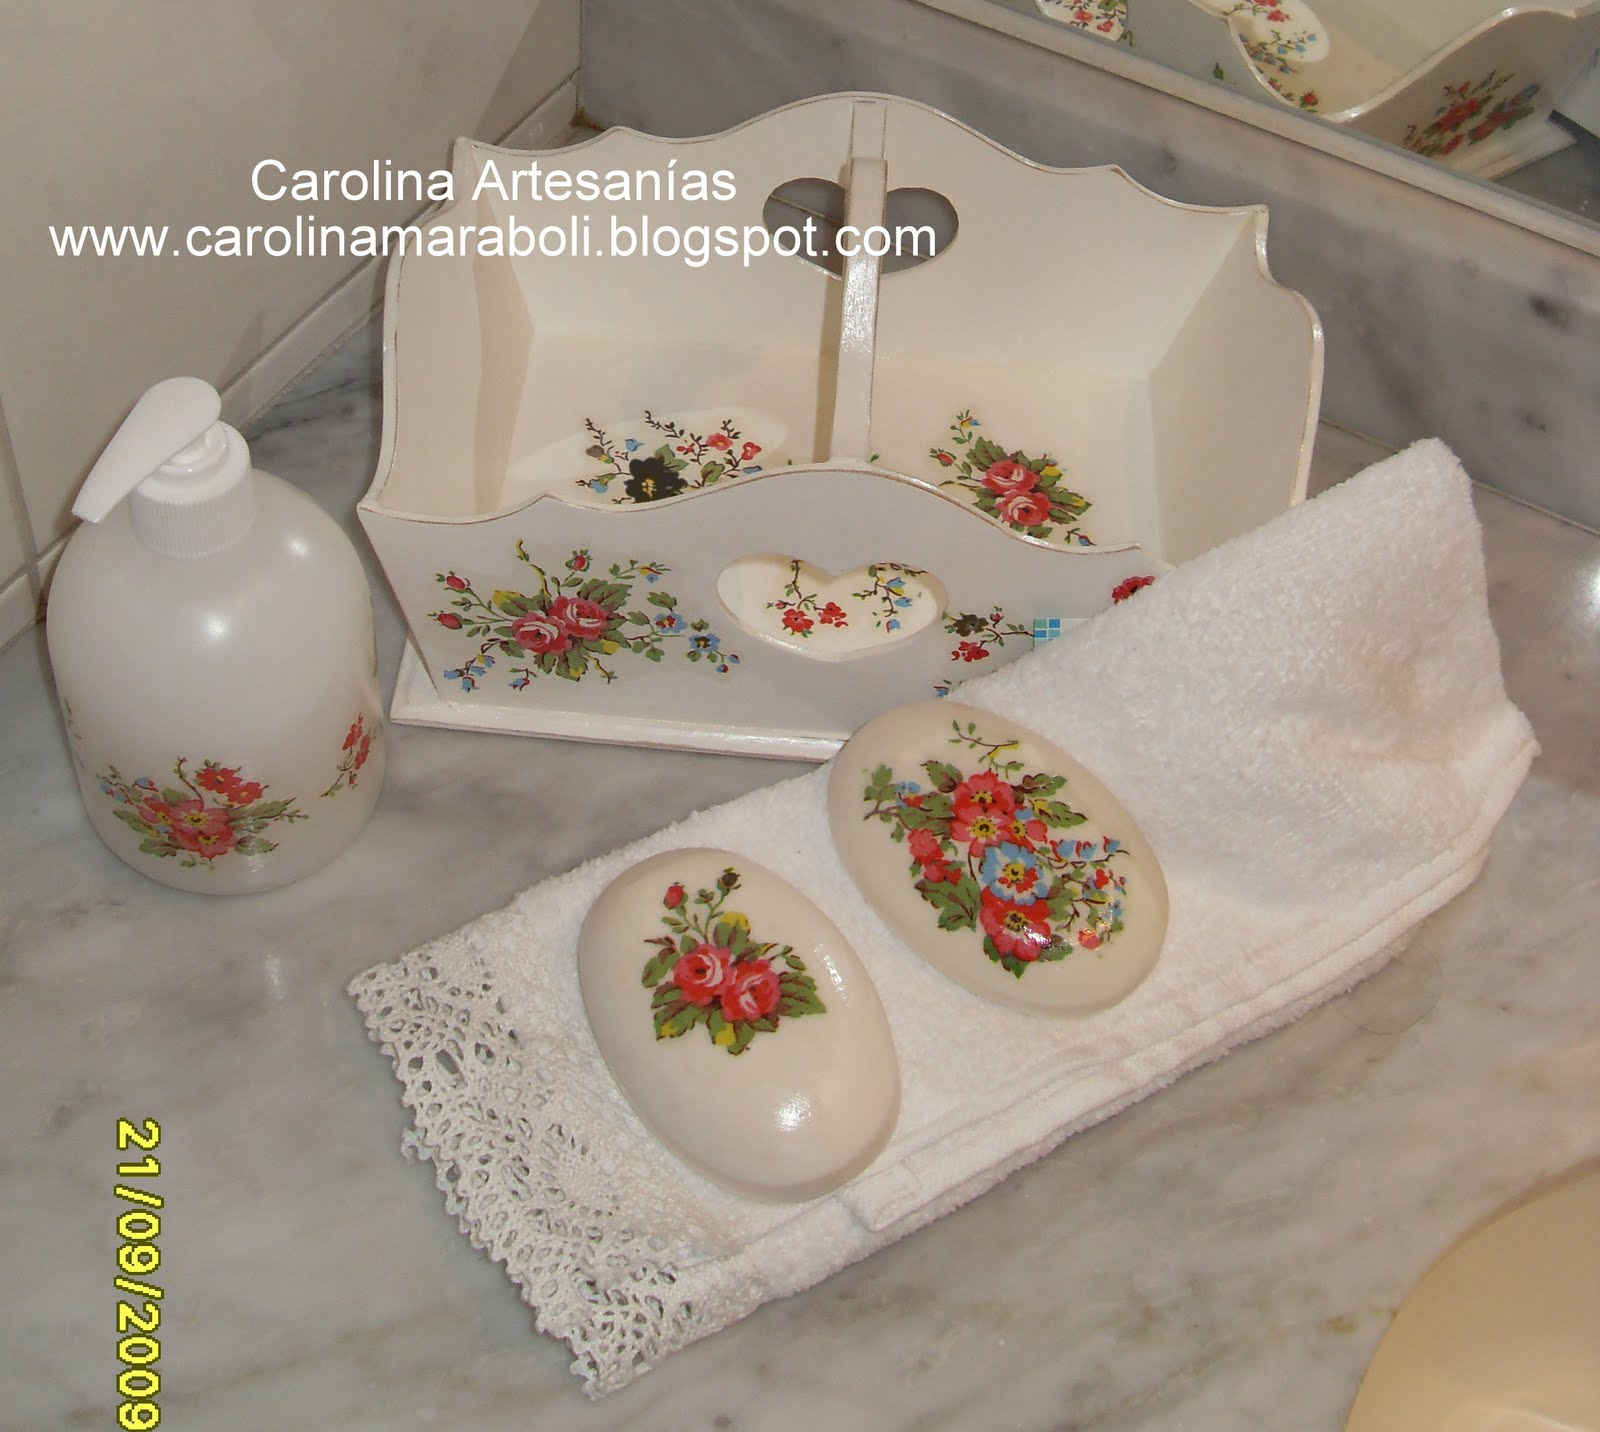 Set De Baño Tejido A Mano:Vitrina de Carolina Artesanías (La Tienda): 10- Set de Baño, flores